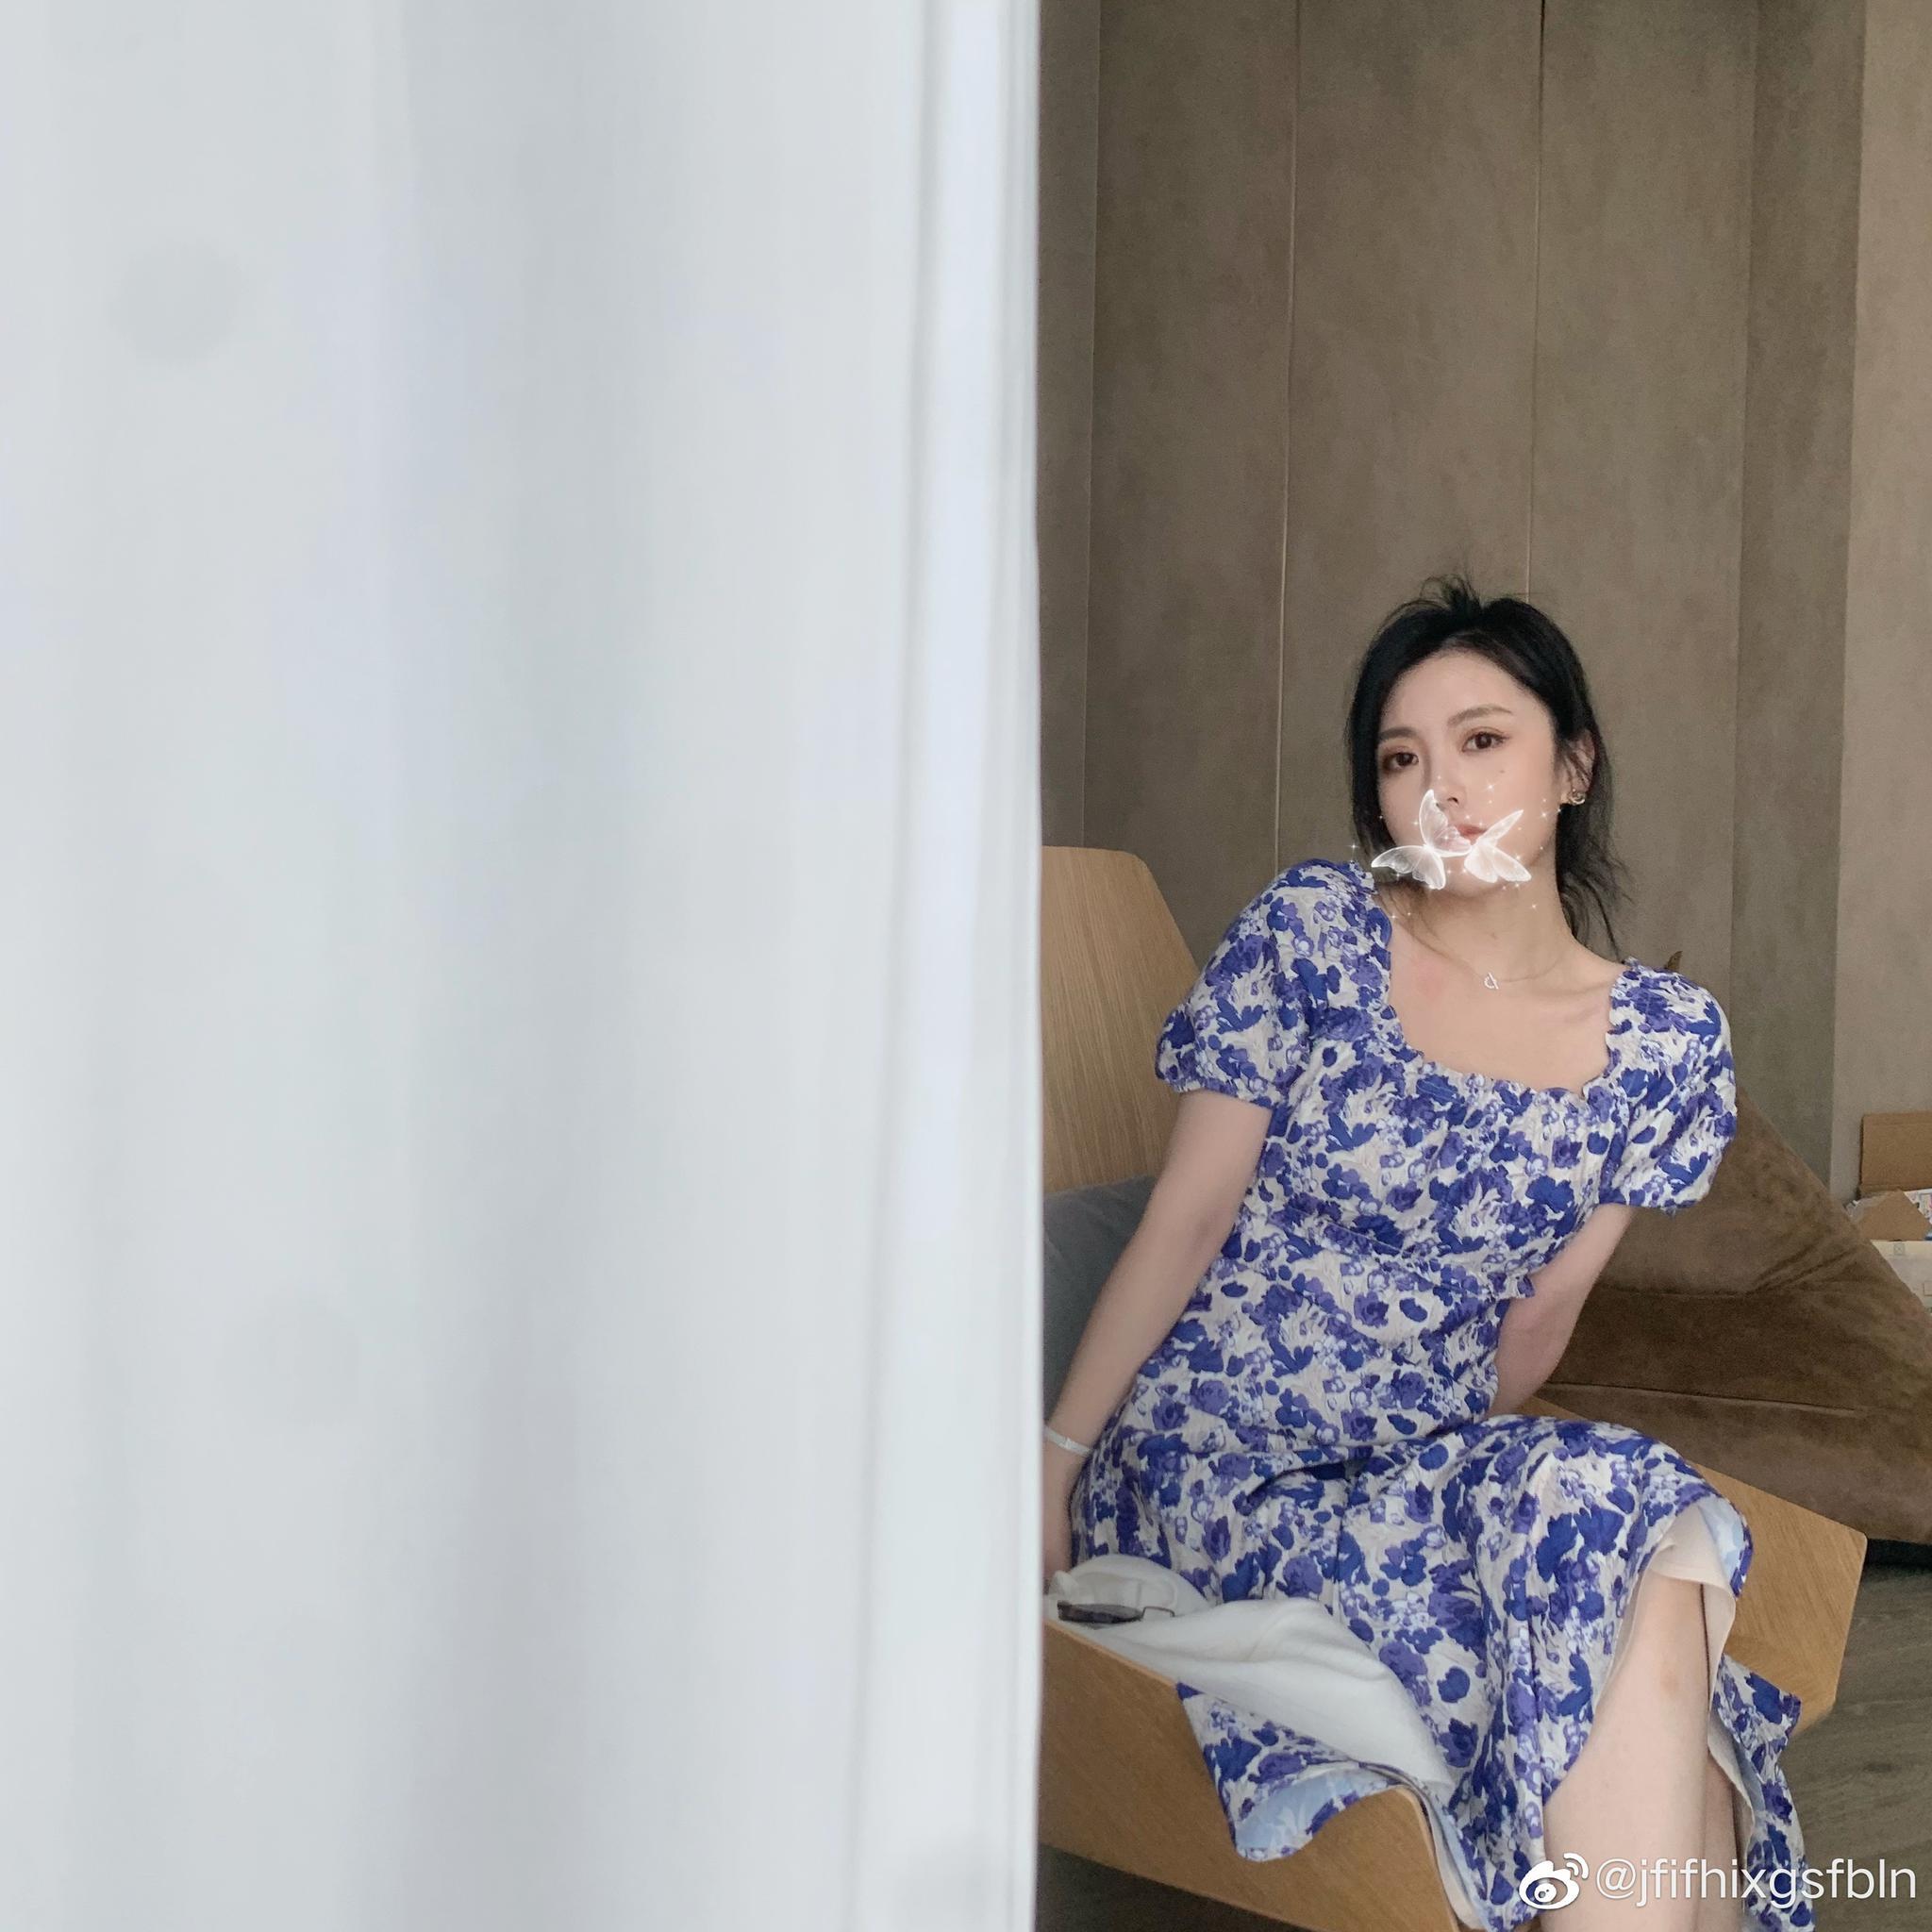 今天是穿塞纳花房 青瓷色的 白富美小姐姐feel